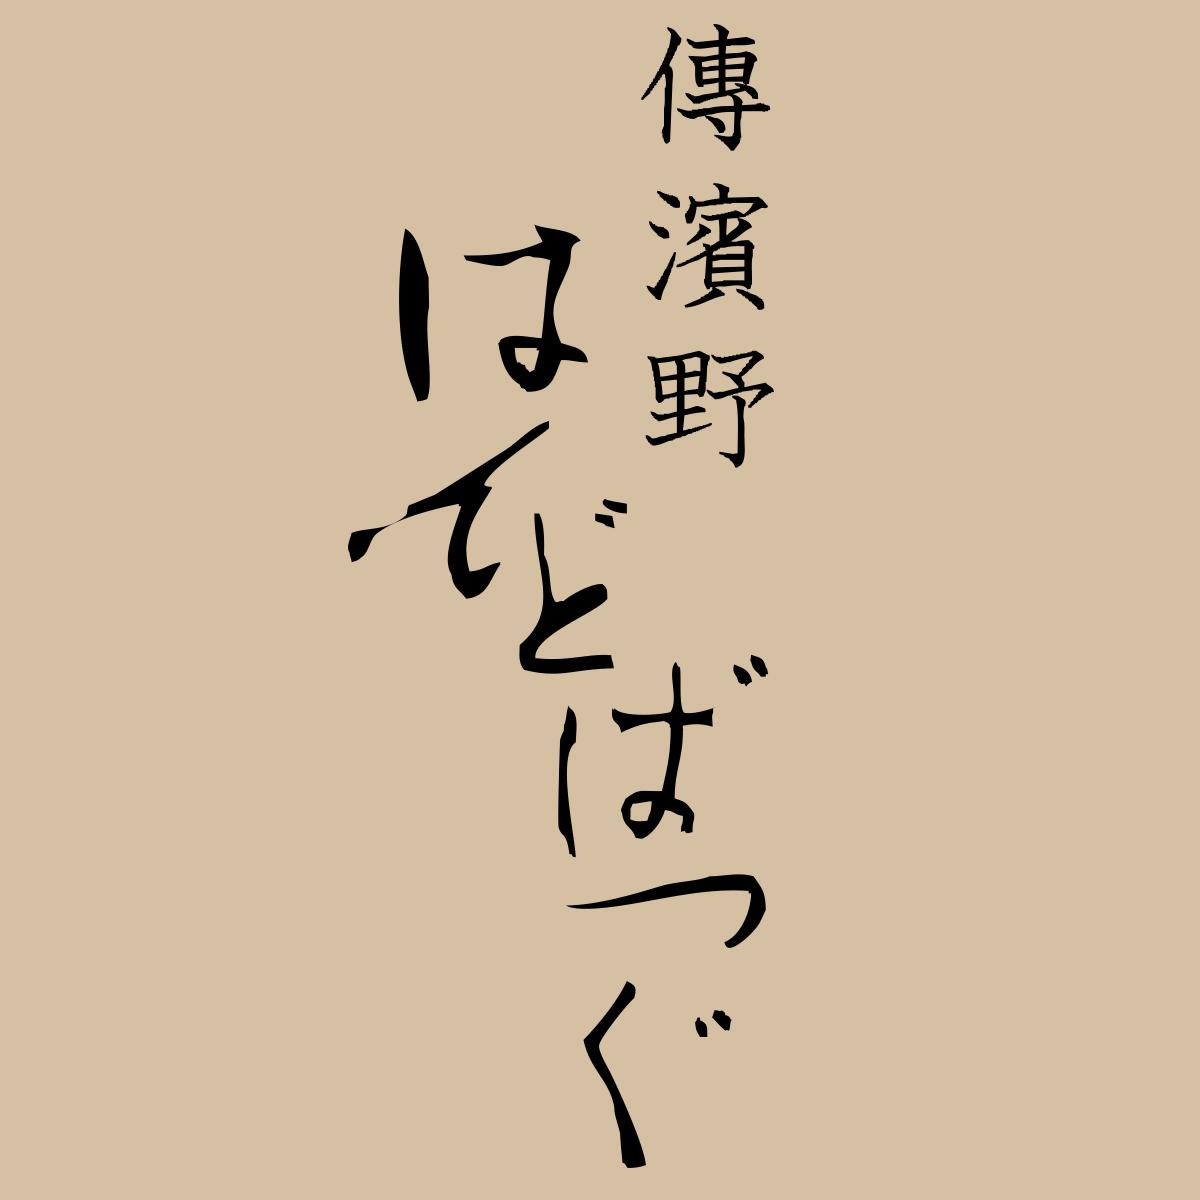 傳濱野はんどばっぐ本店のFAQ(よくある質問と回答集)